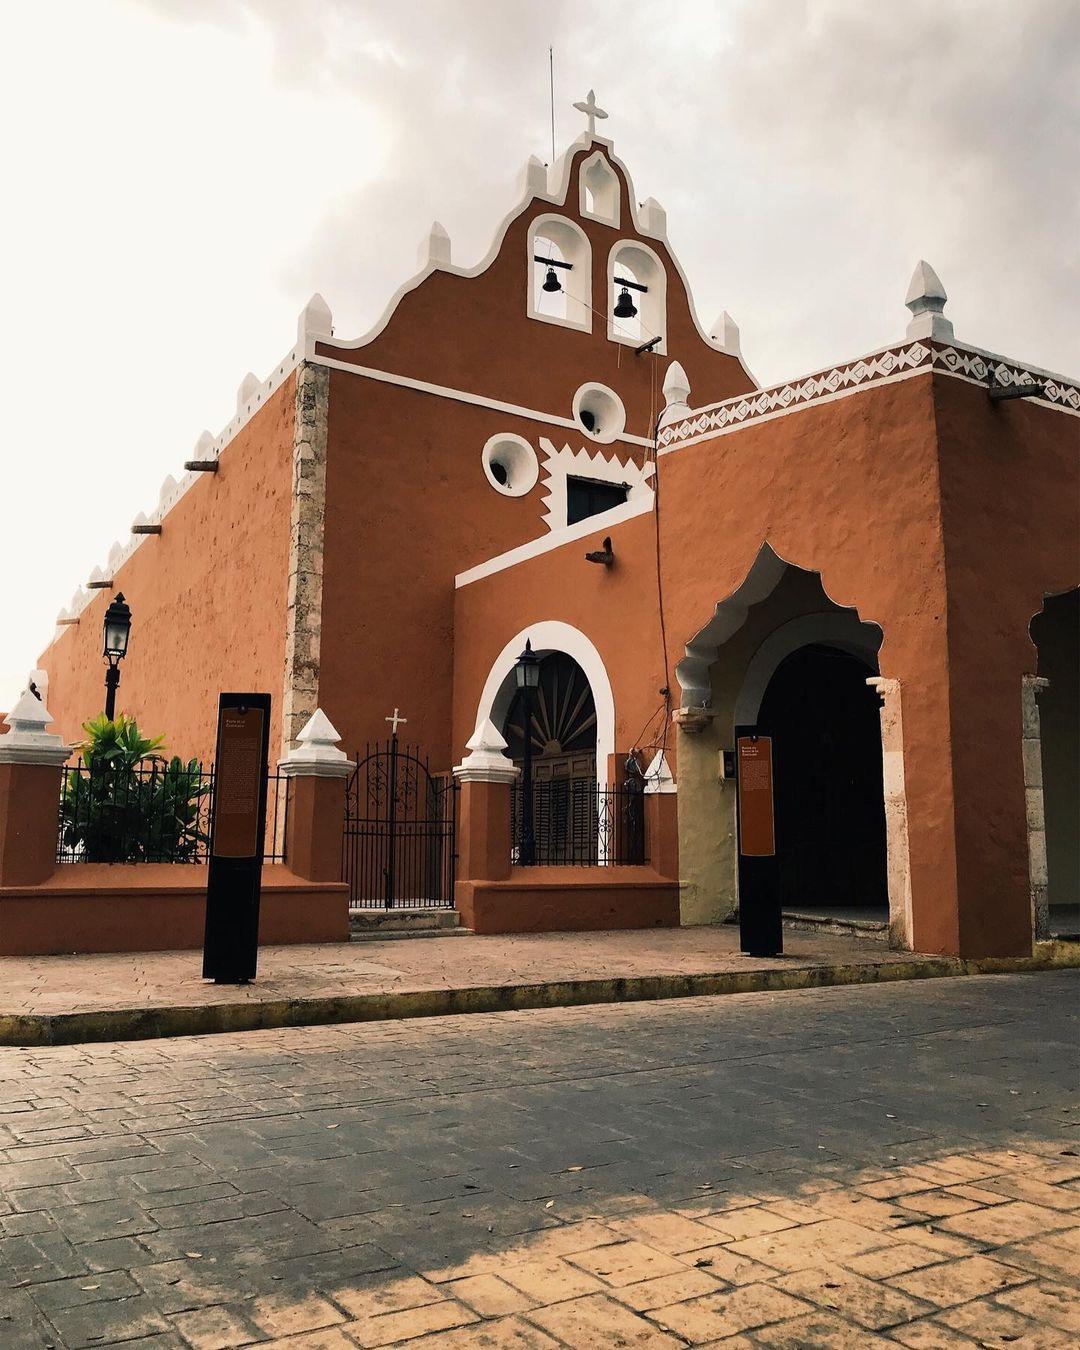 Iglesia-candelaria-valladolid